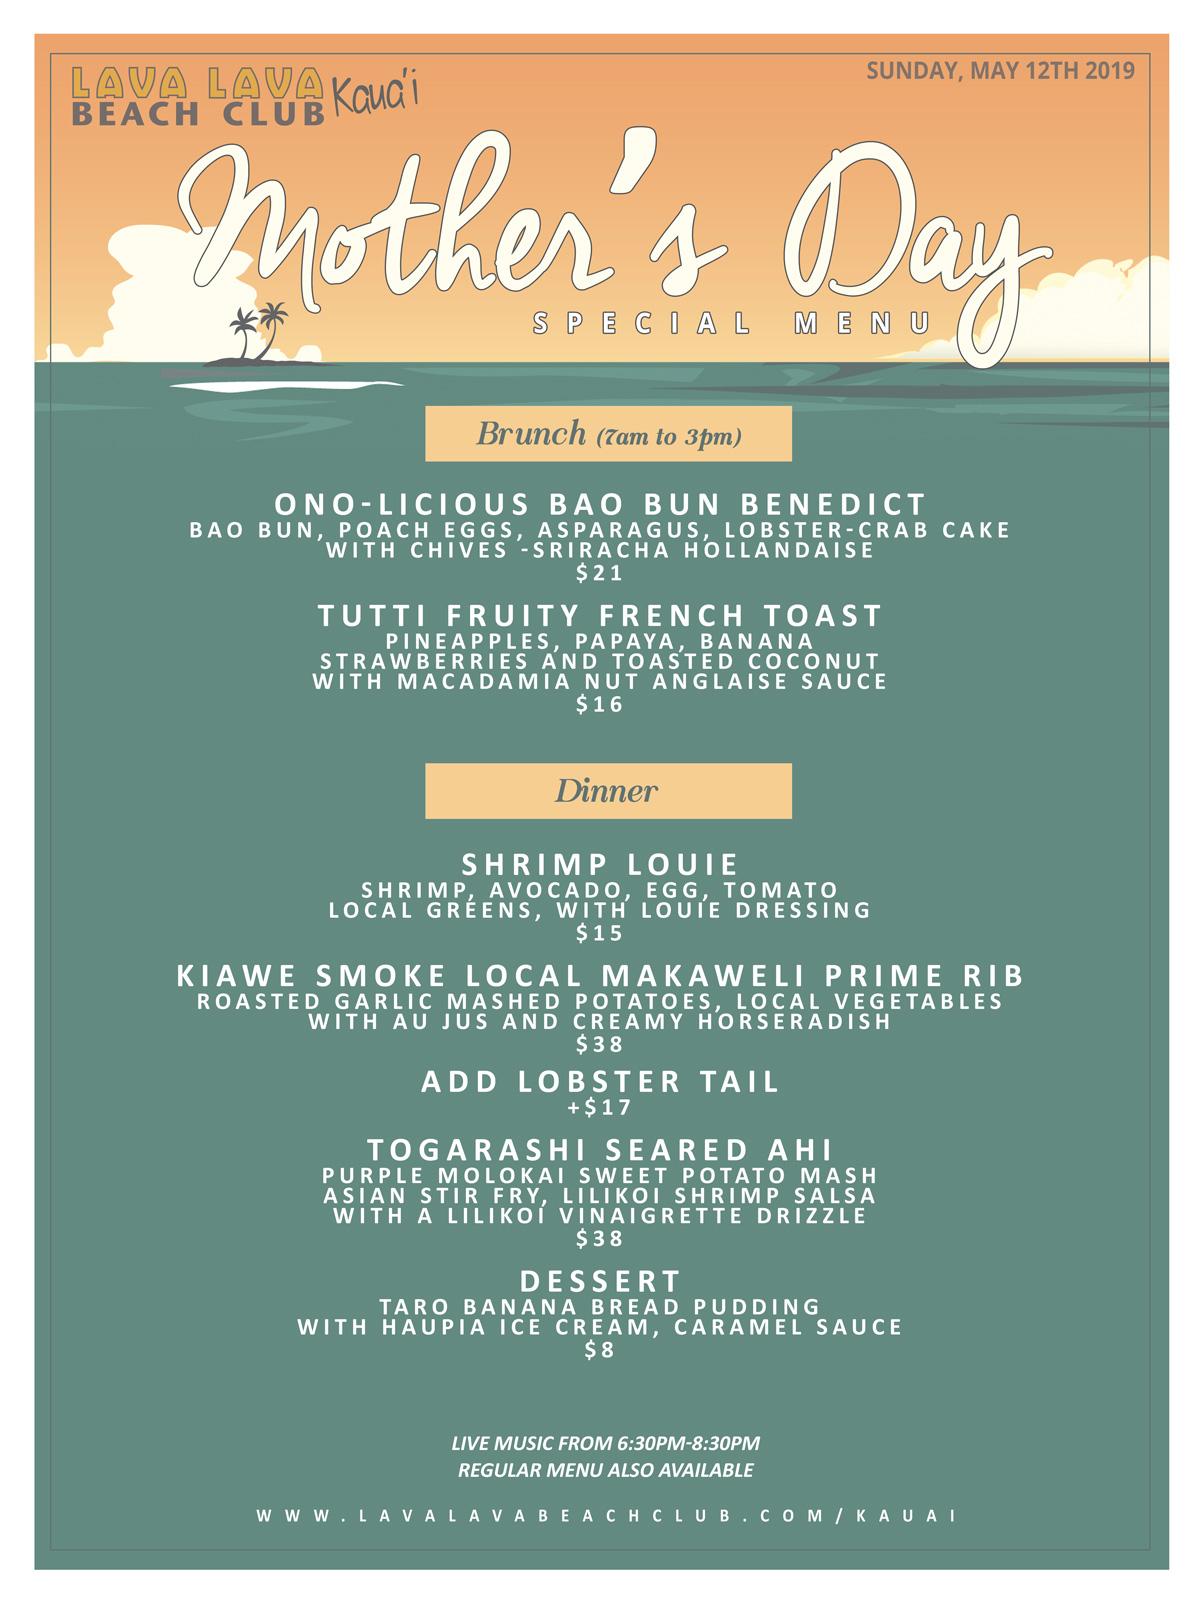 MothersDay-2019-LLBC-Kauai-v3